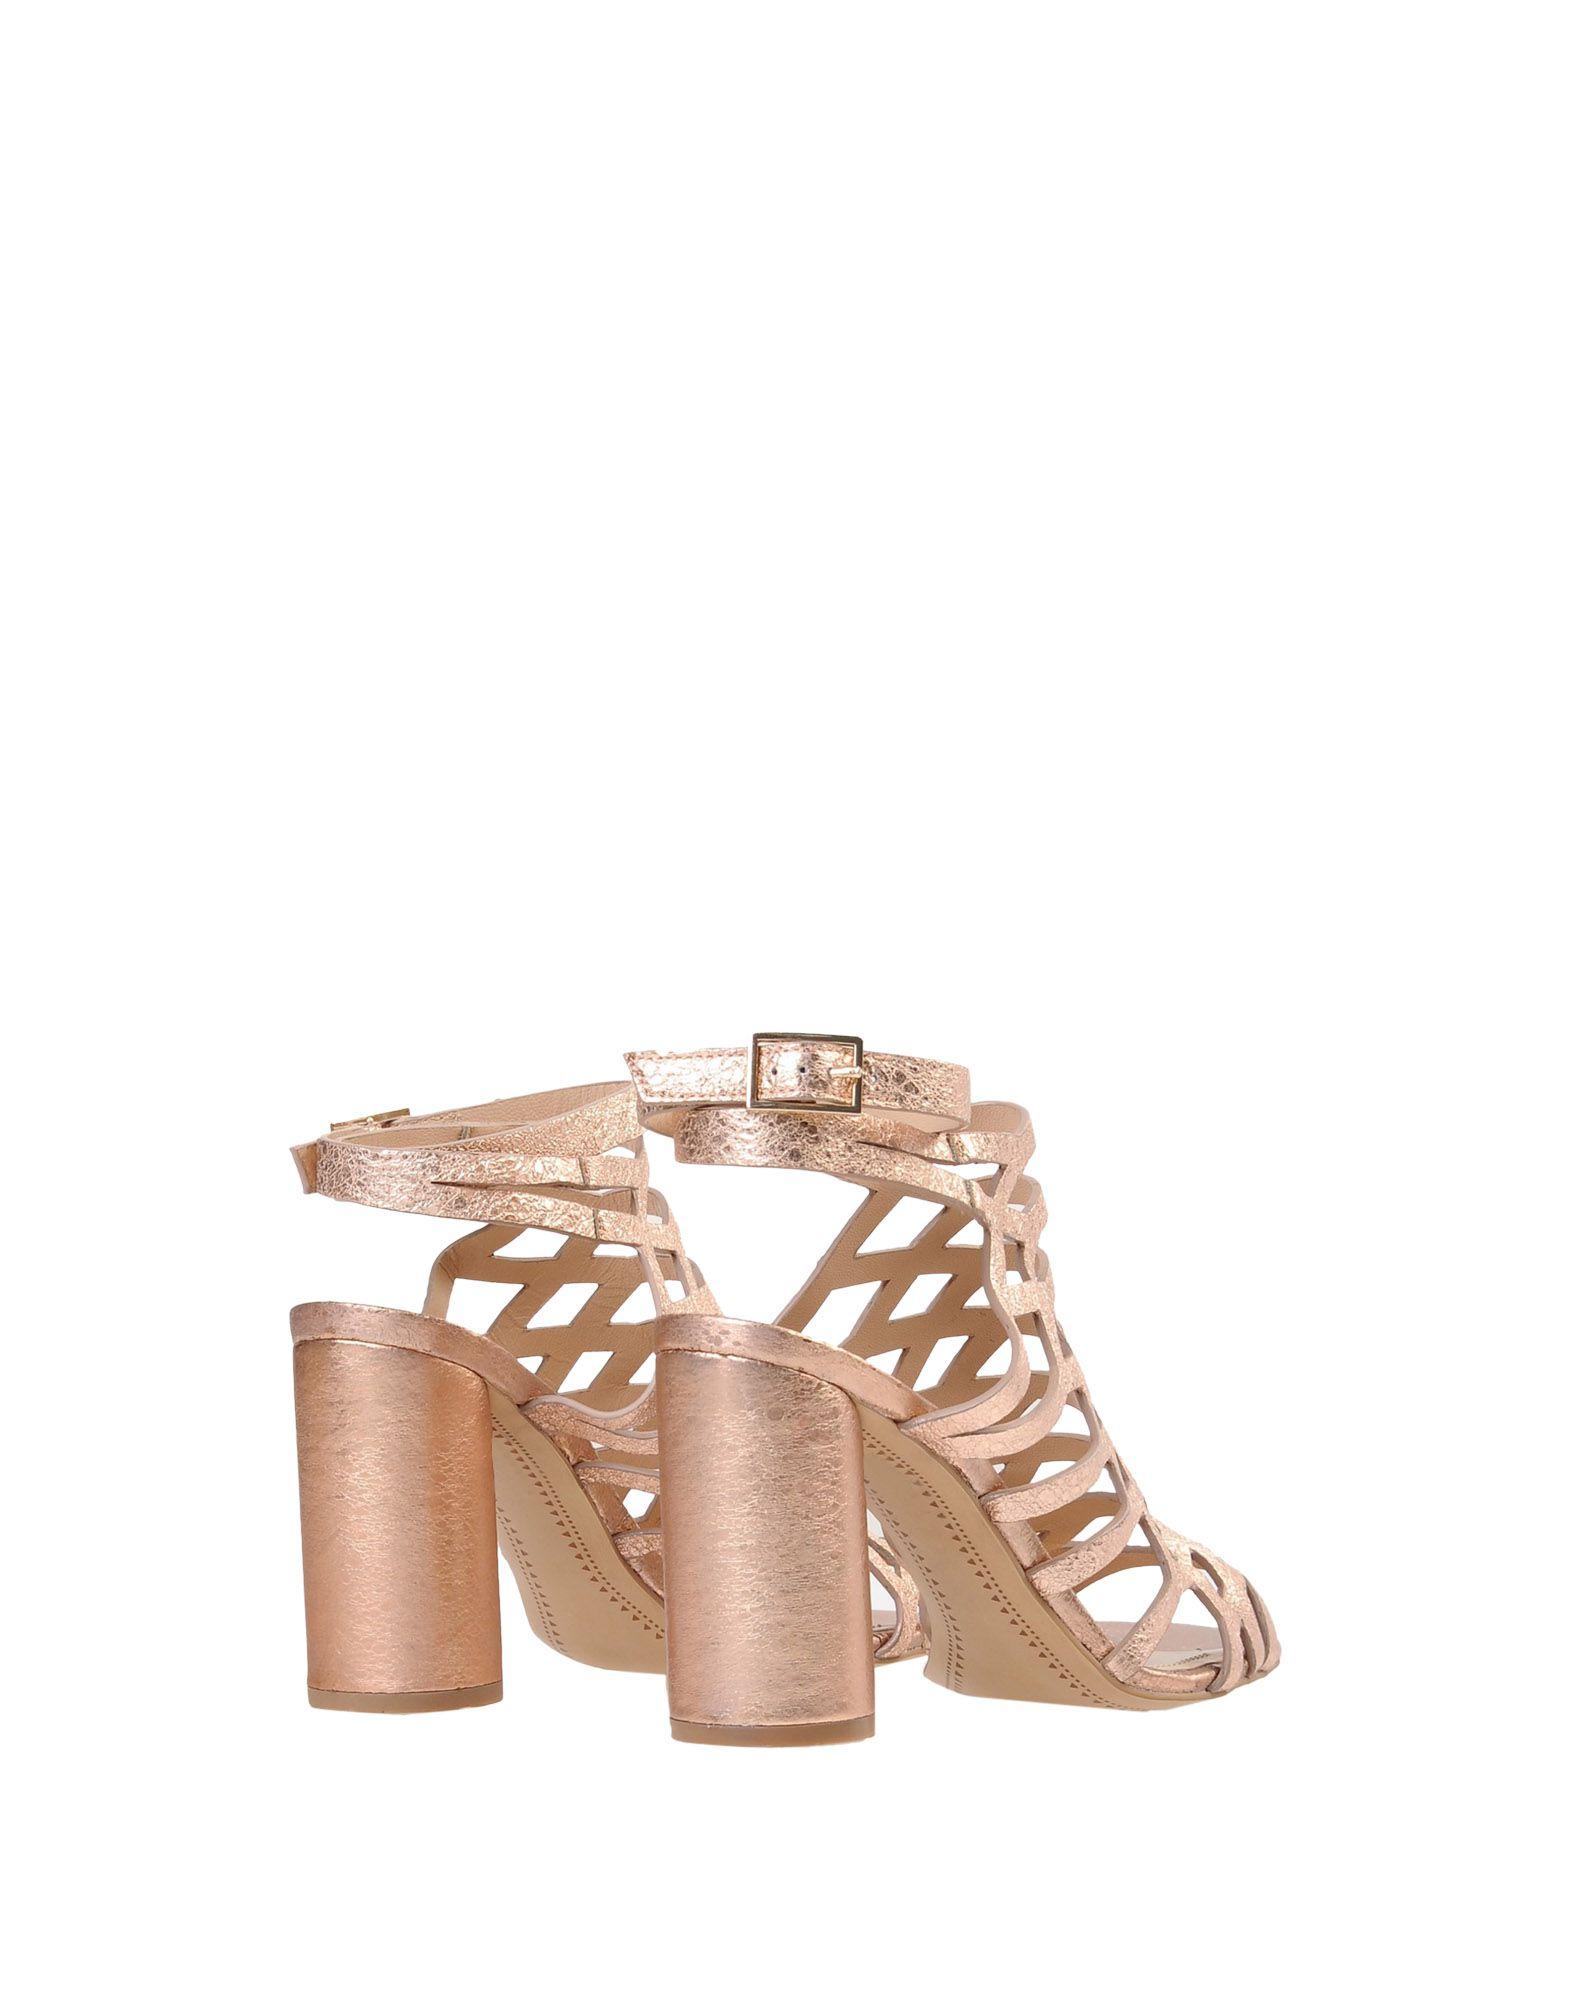 Bruno Premi Sandalen Damen  11463744RT Gute Qualität beliebte beliebte beliebte Schuhe ecfabd